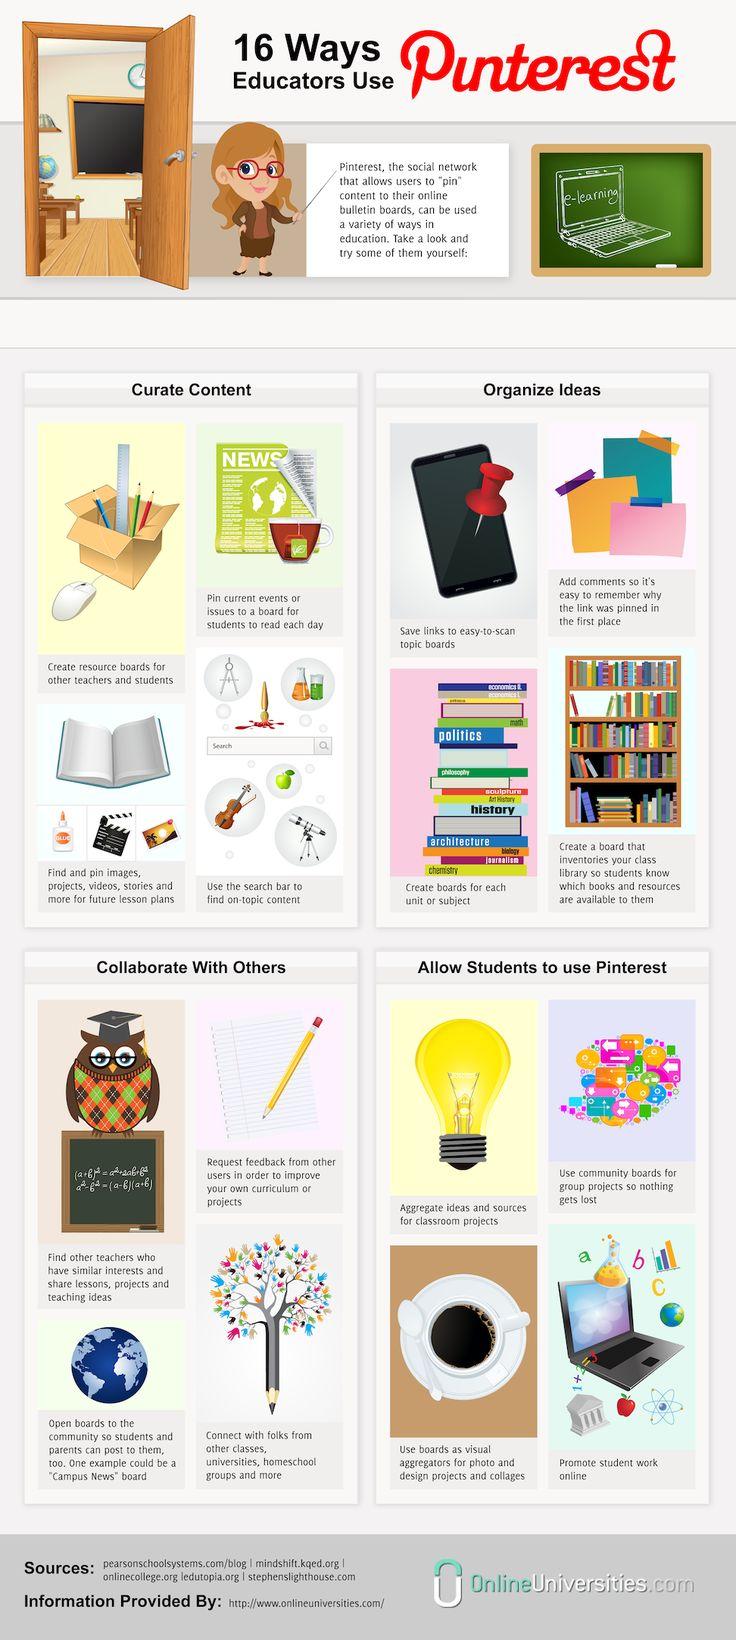 La utilización de Pinterest para el aprendizaje.